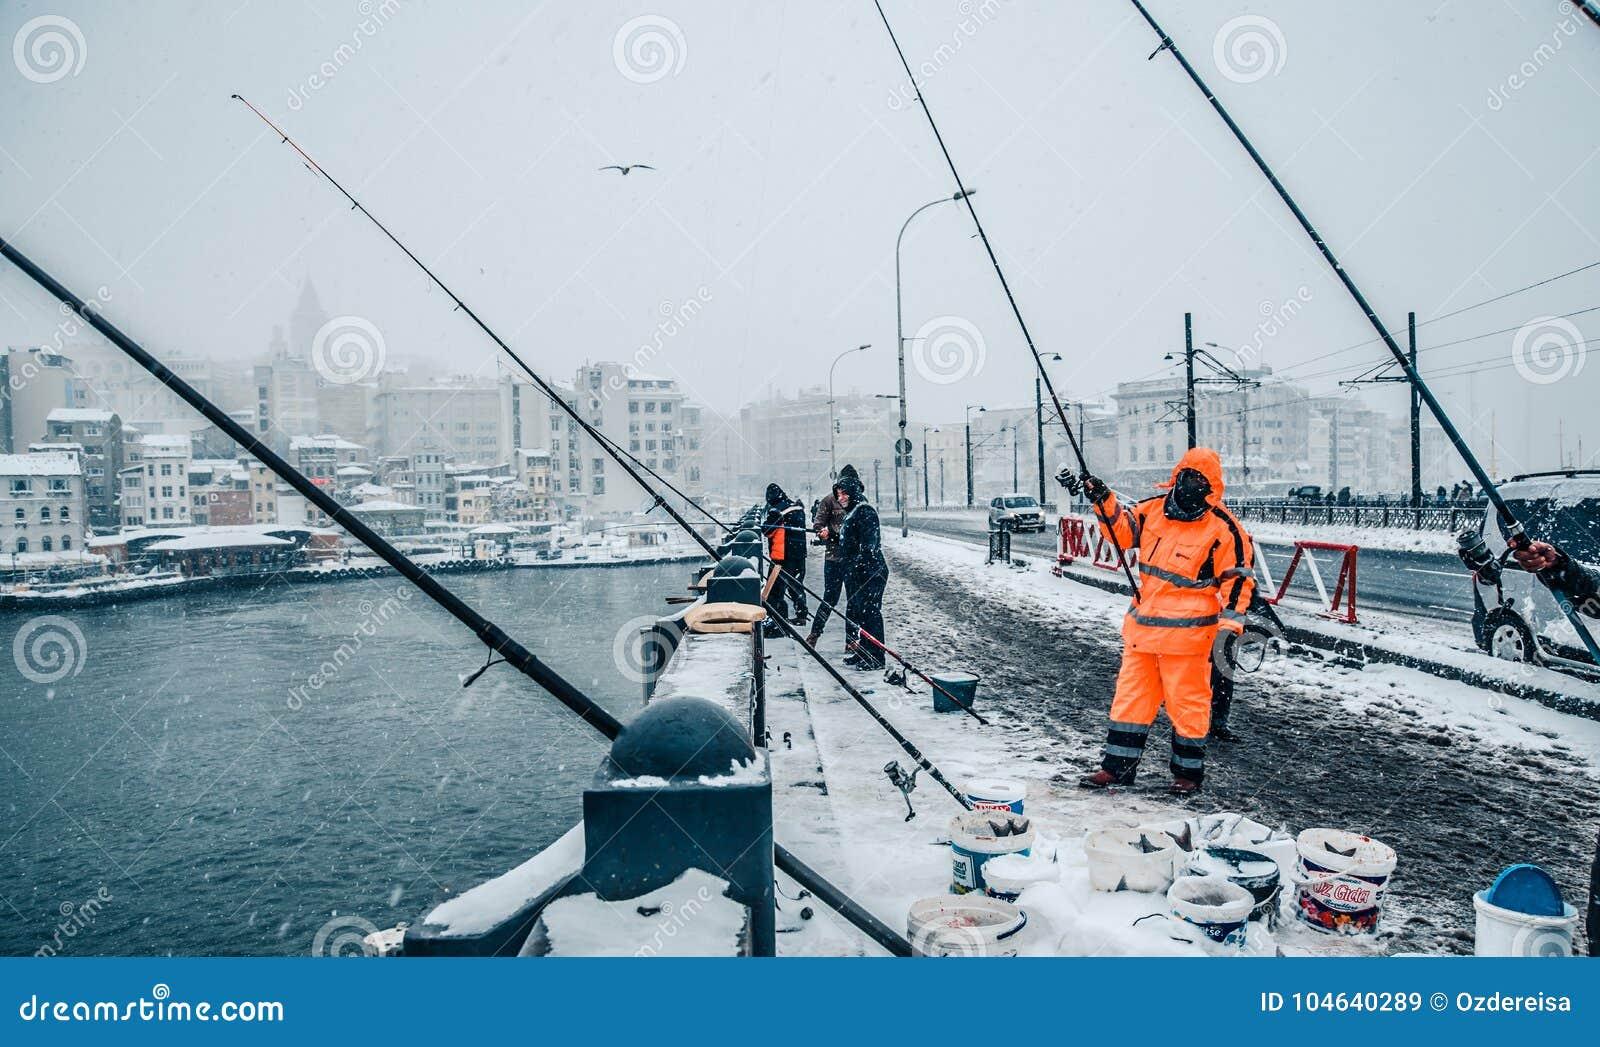 Download De Mensen Die Op Galata Vissen Overbruggen Op Een Sneeuwdag In De Winter Redactionele Stock Afbeelding - Afbeelding bestaande uit visserij, gouden: 104640289